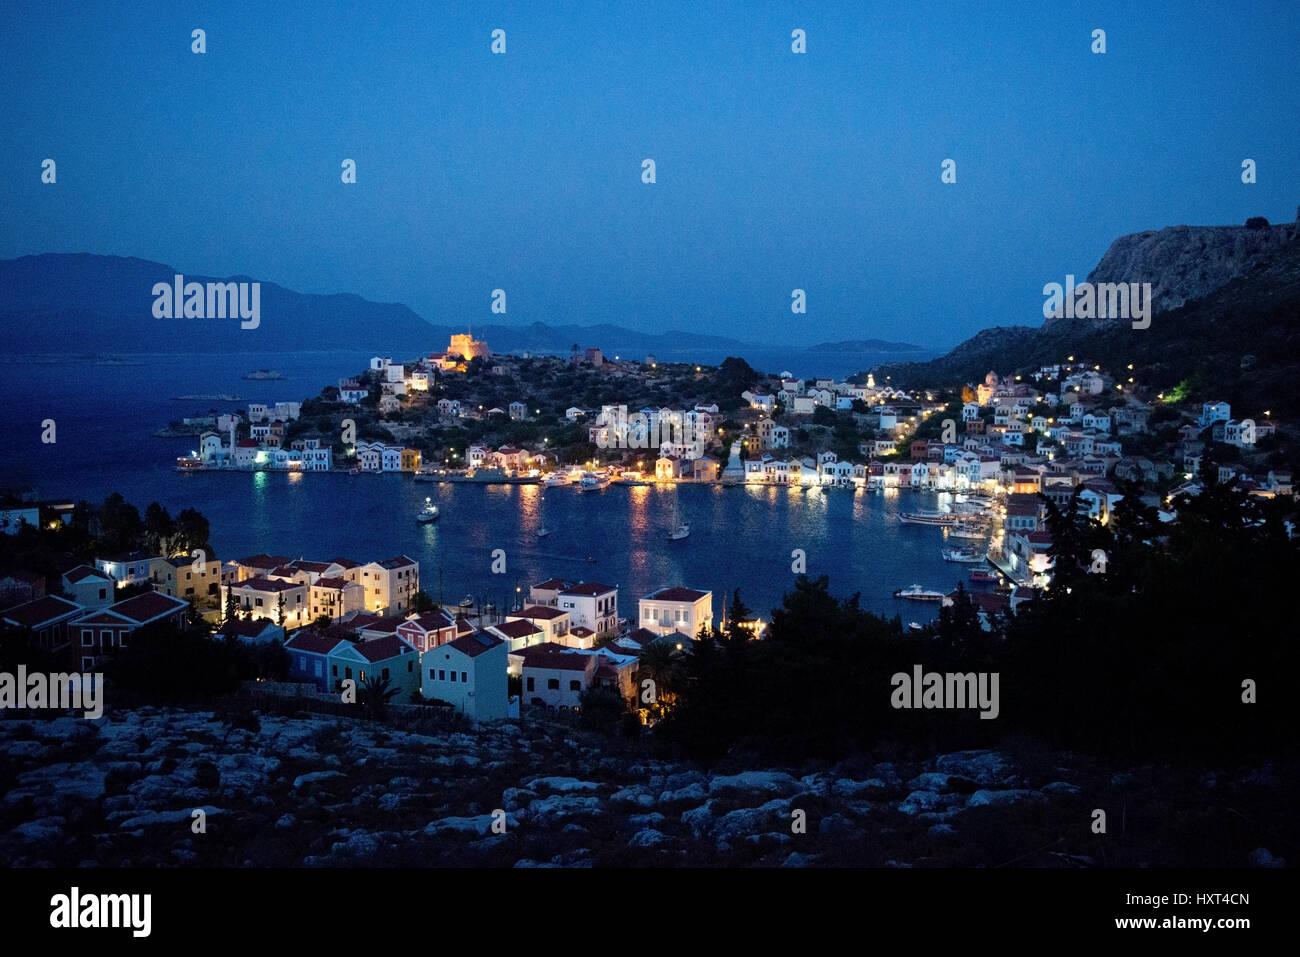 Erhöhte Sicht Auf Abendliche Bucht, Blaue Stunde Mit Bunton Formprinzipien Und Beleuchtung, Küste Im Hintergrund, Stockbild